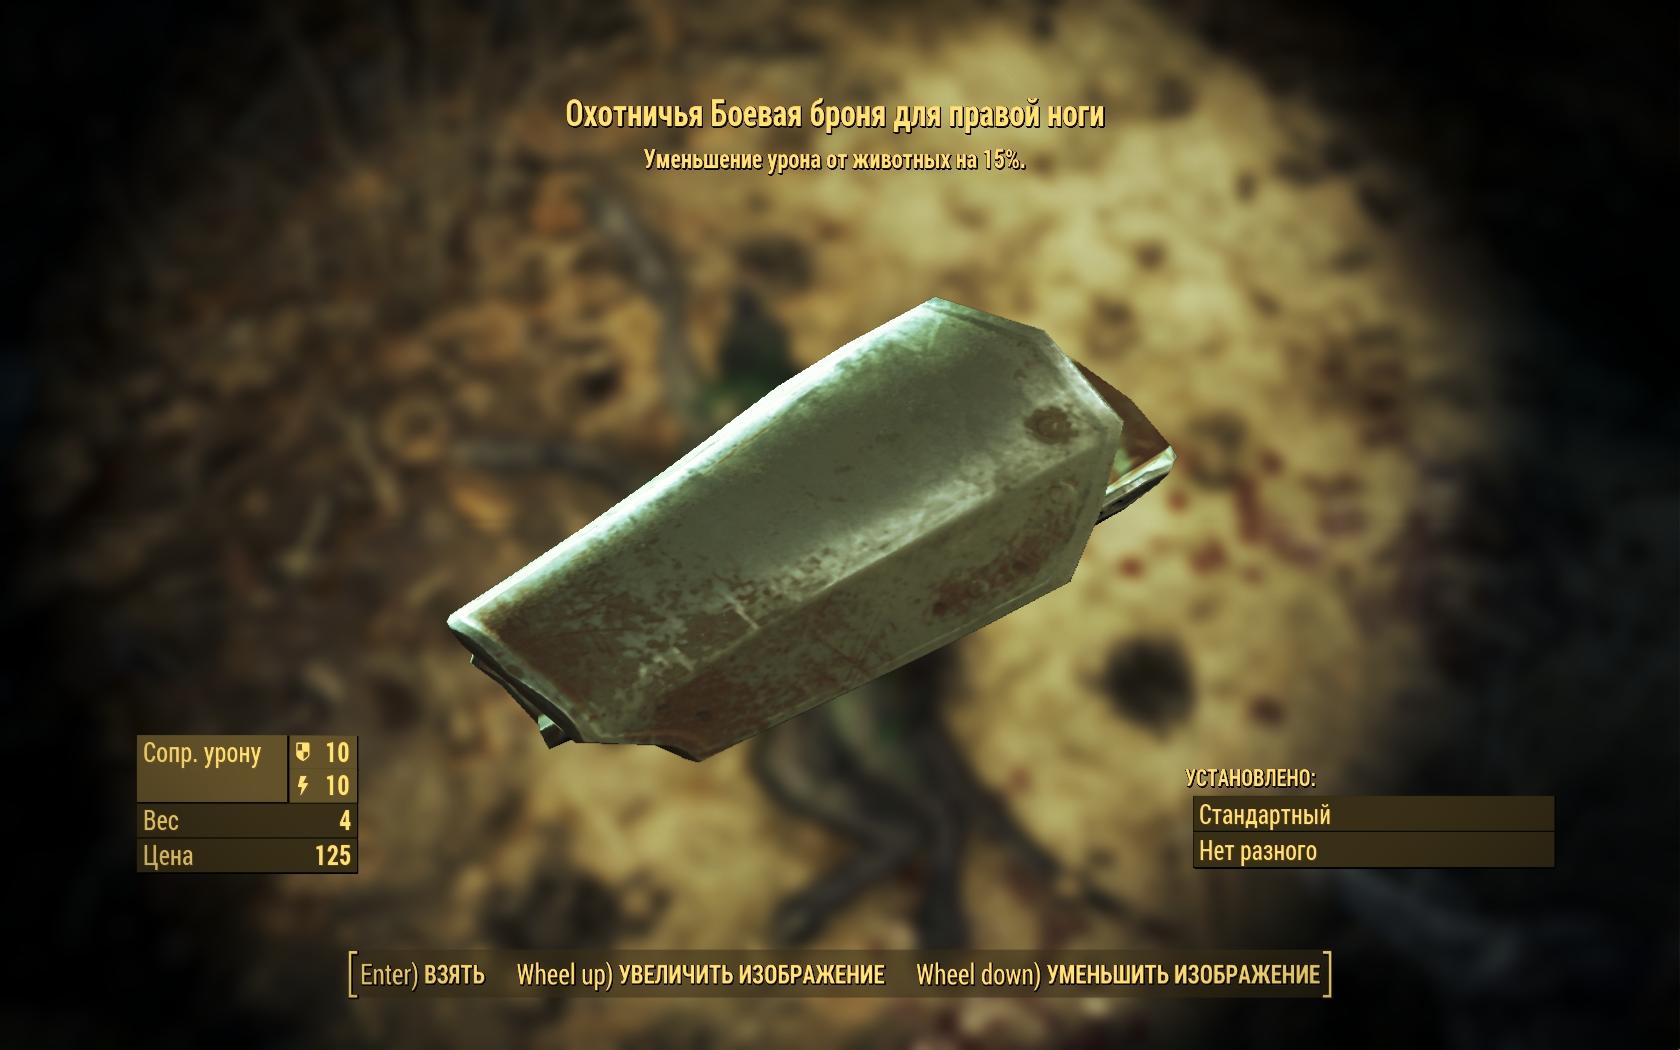 Охотничья боевая броня для правой ноги - Fallout 4 броня, Одежда, Охотничья